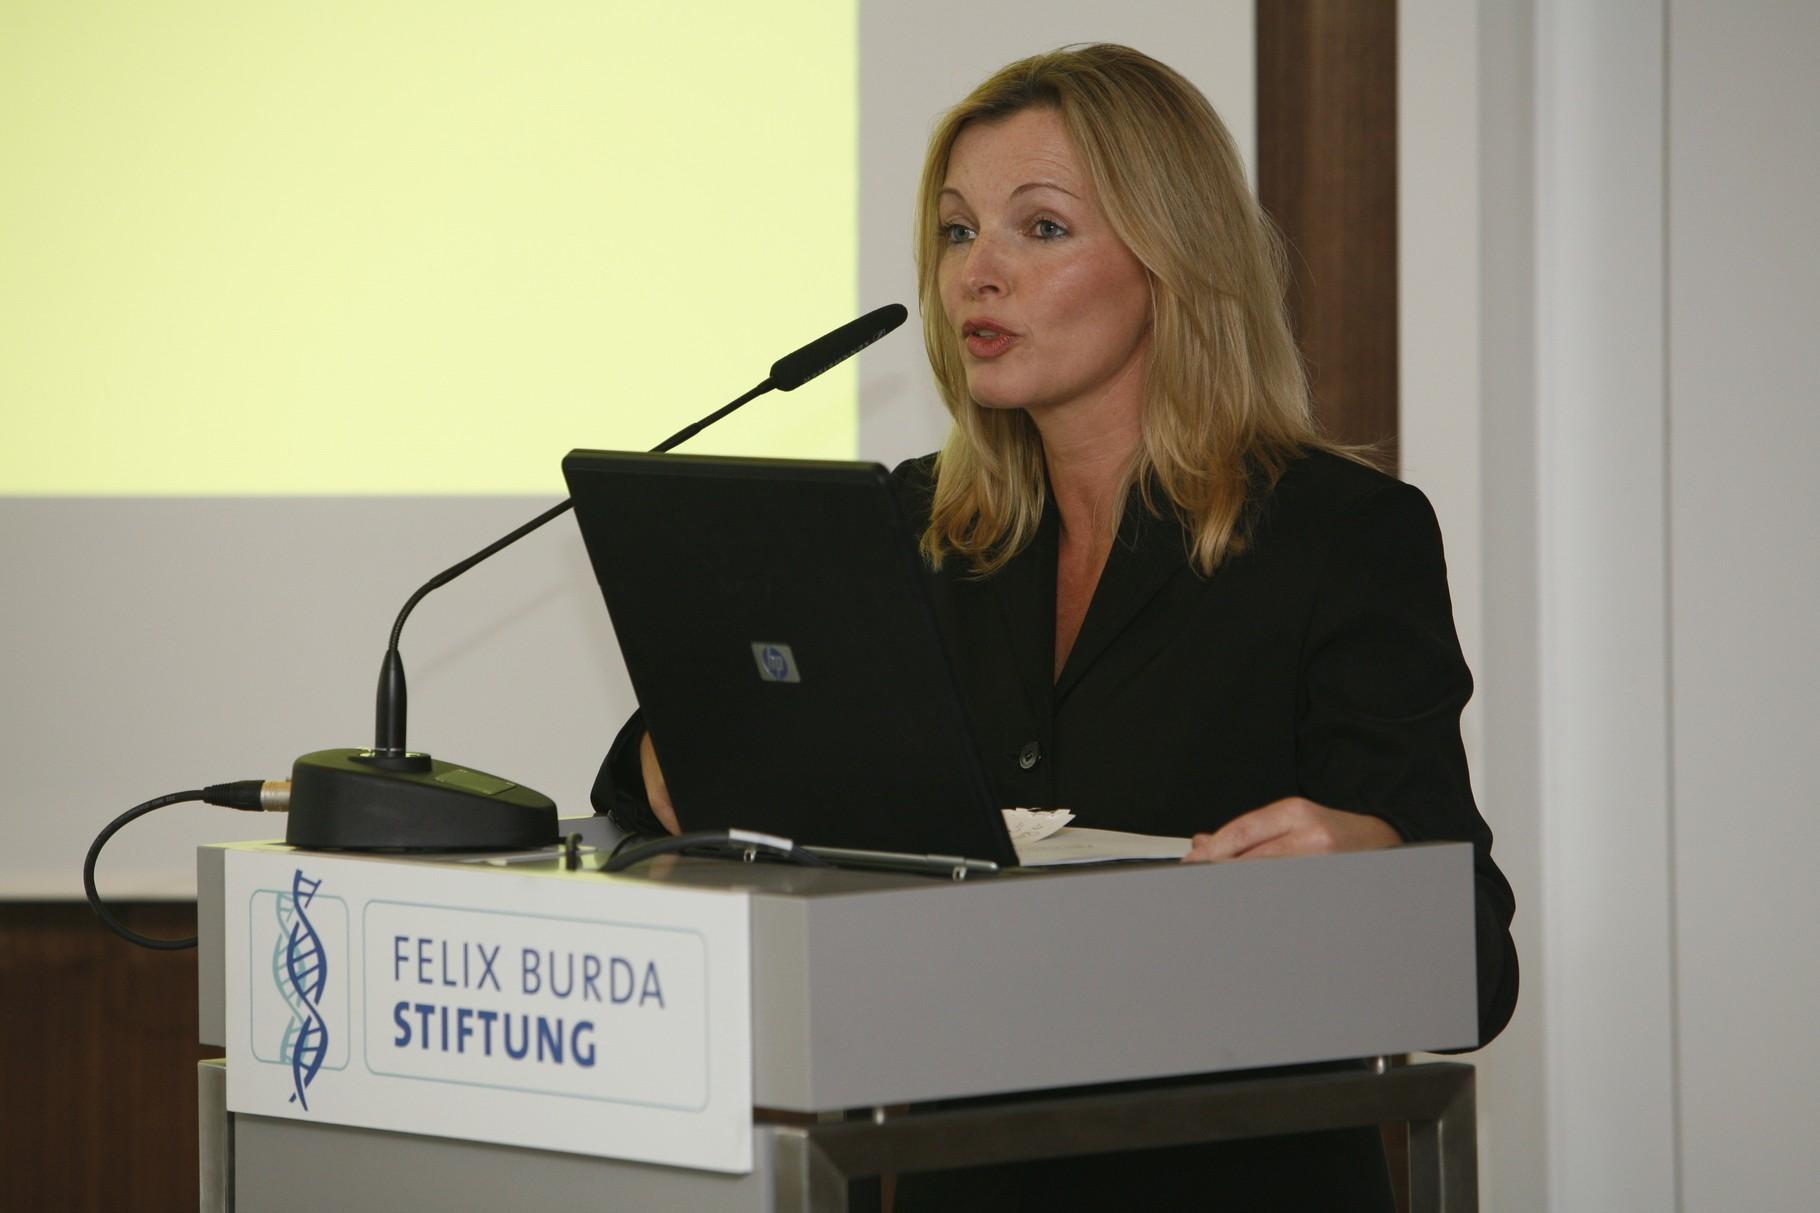 Foto: Bettina Miserre moderiert die Pressekonfernz der Felix Burda Stiftung